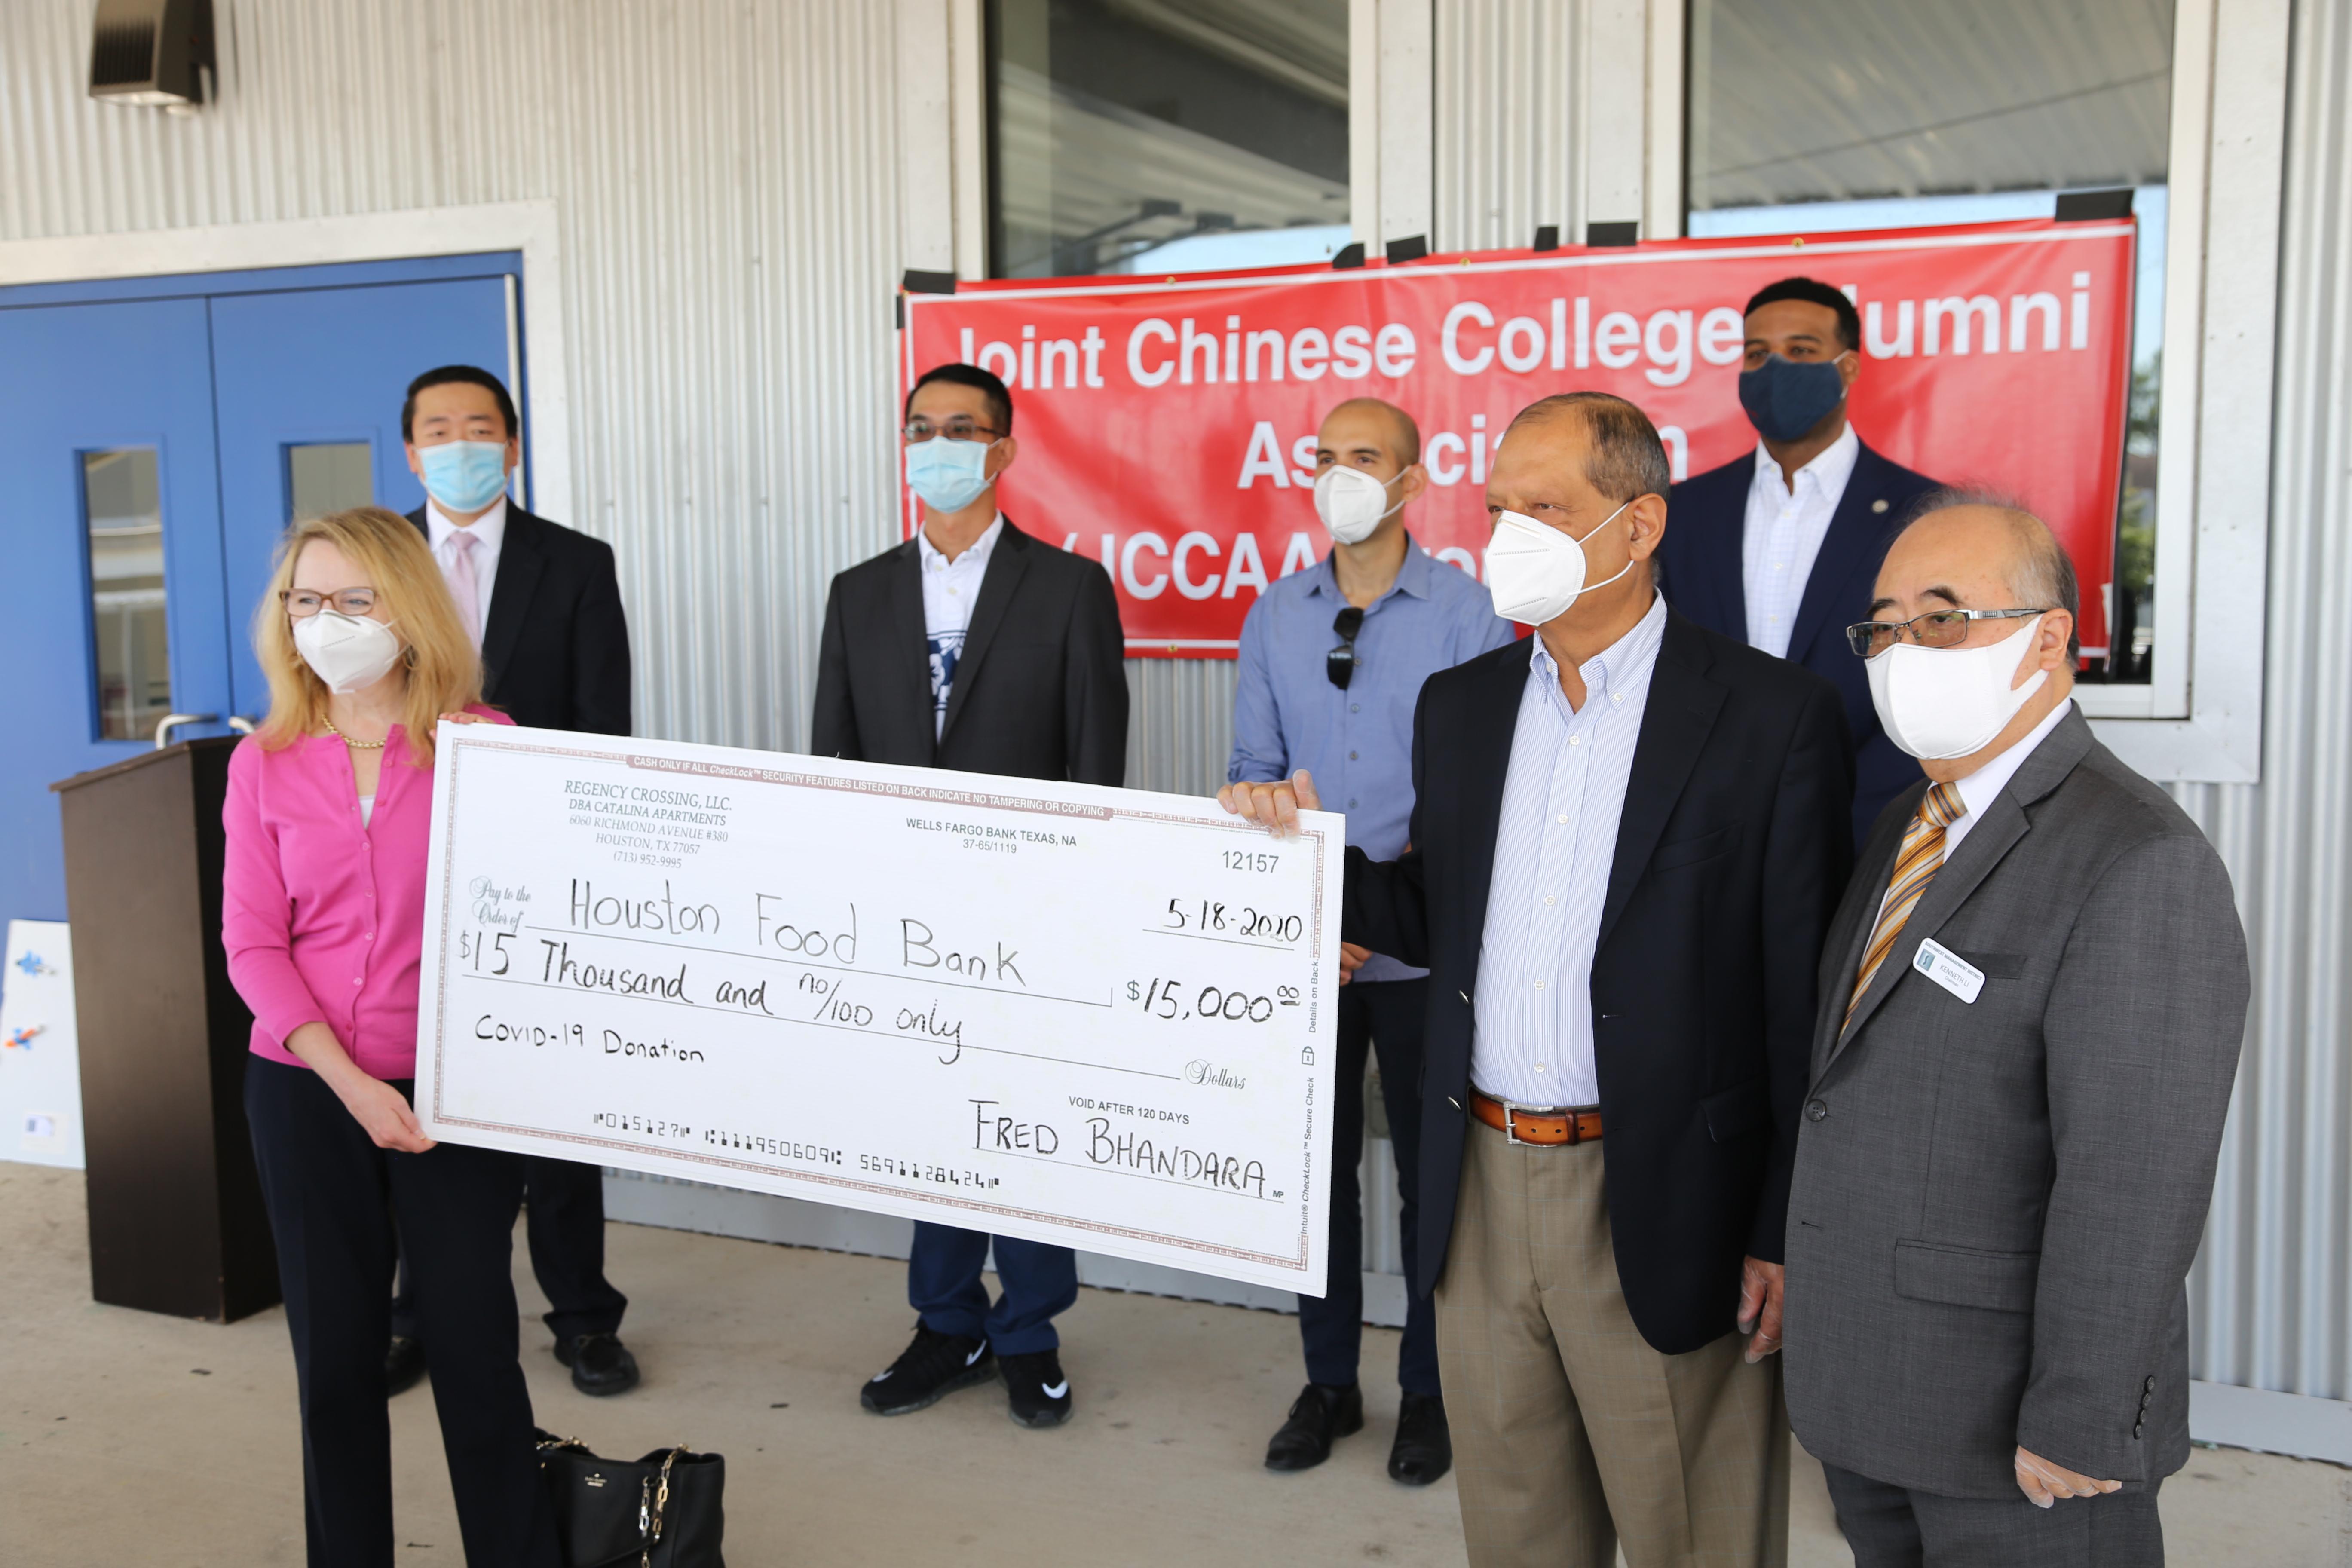 西南管理區理事Fred Bhandara(右二),在區長李雄(右一)的陪同下,以個人名義捐出1萬5000元。